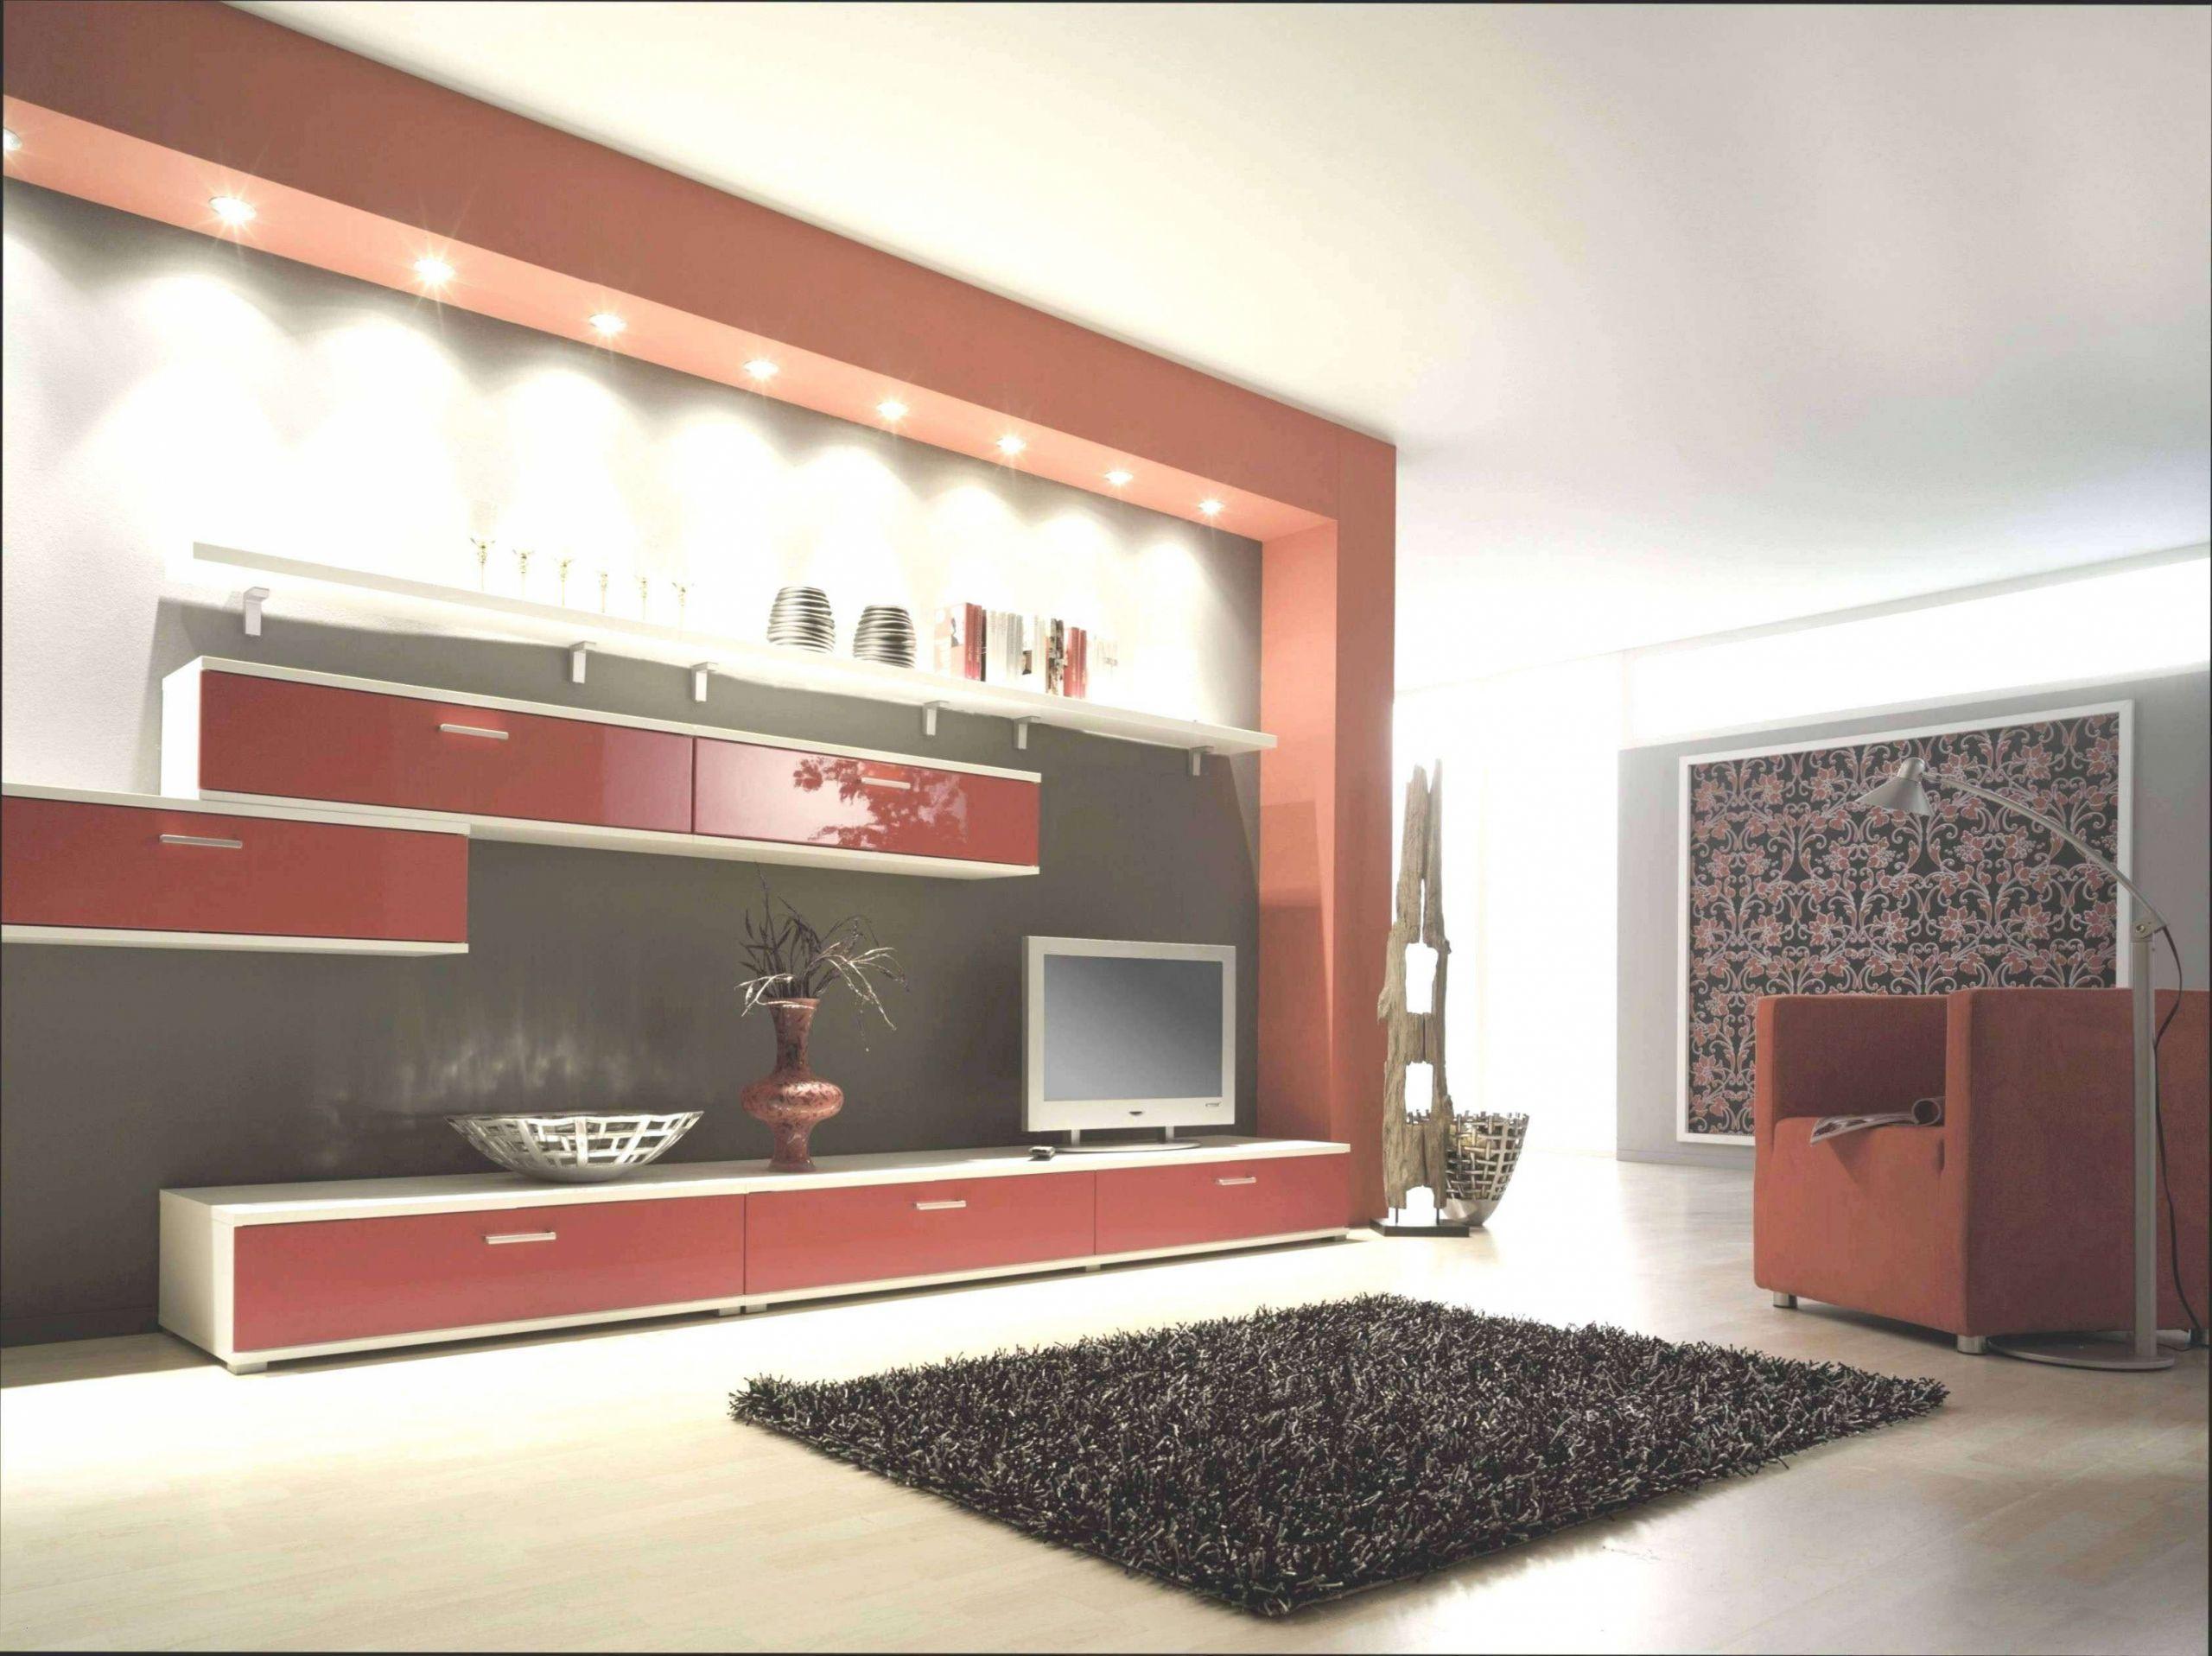 Alte Türen Dekorieren Luxus Ideen Mit Alten Türen — Temobardz Home Blog